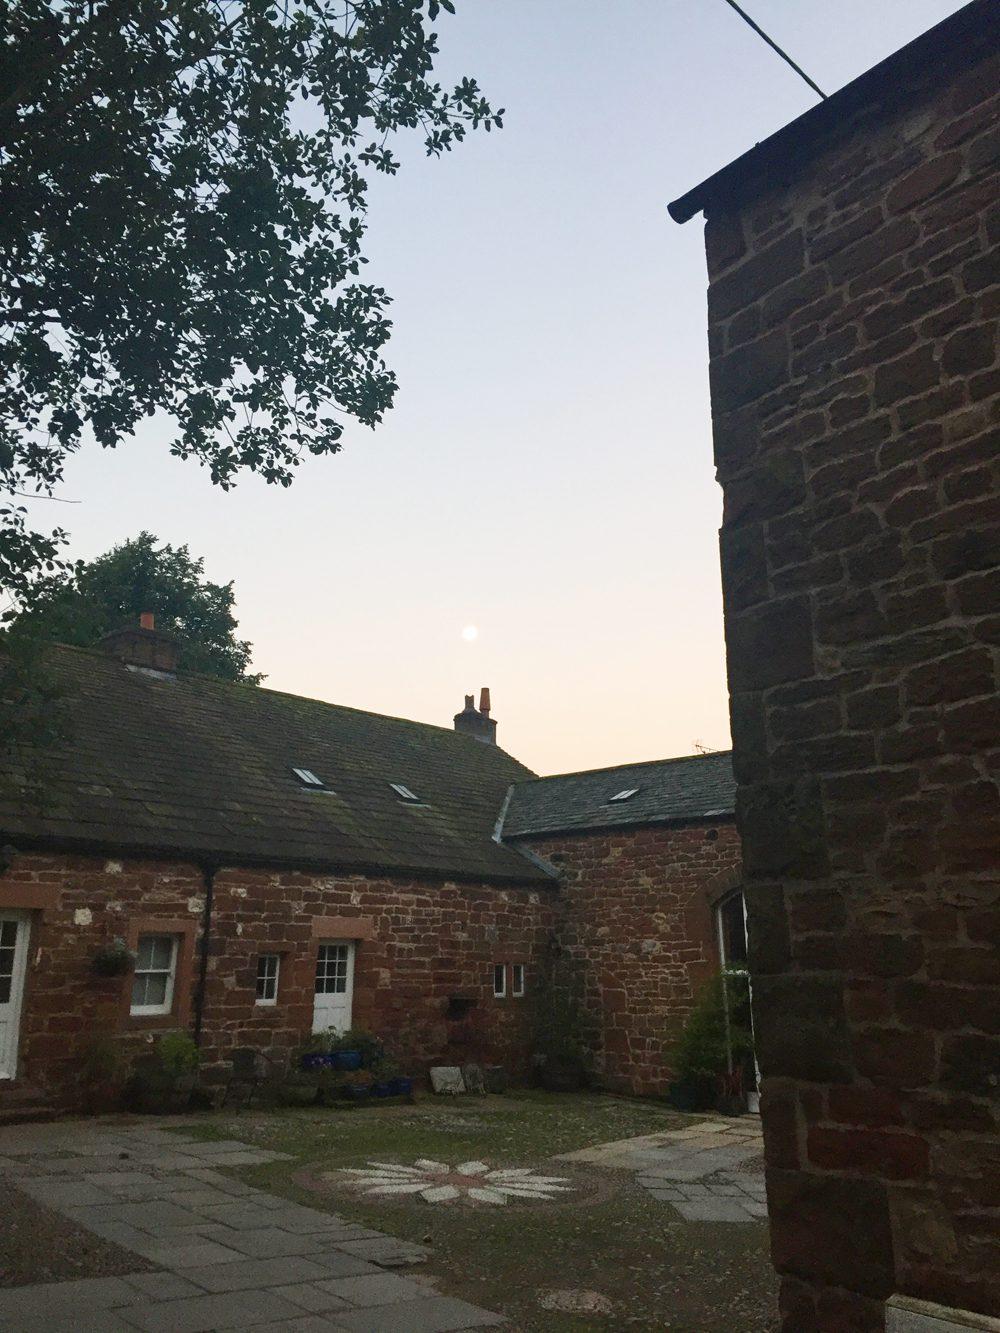 Fellside cottages